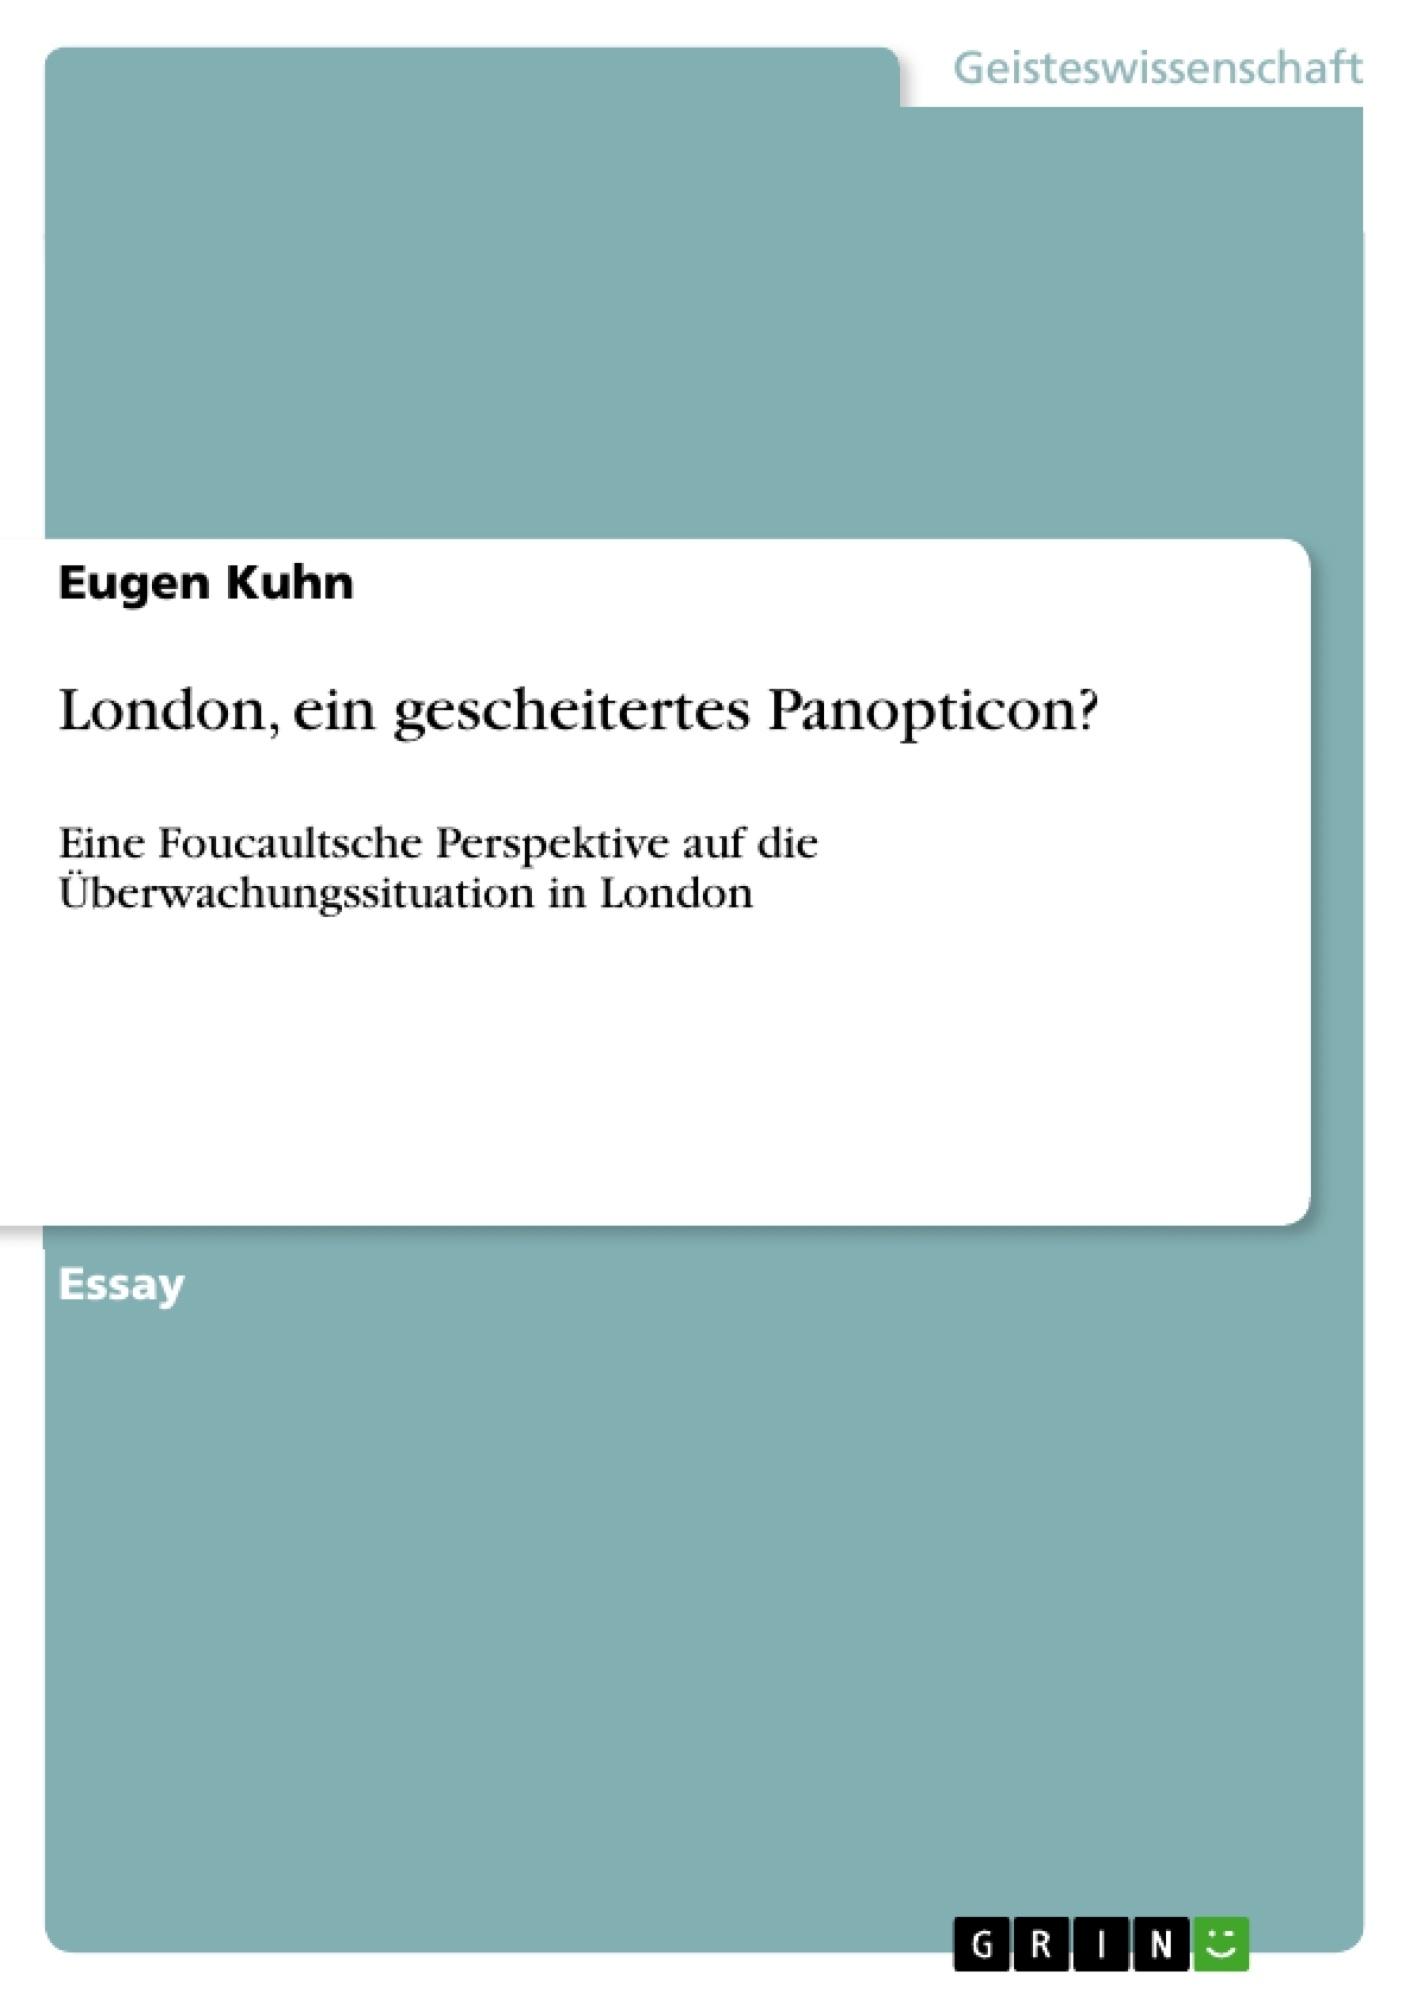 Titel: London, ein gescheitertes Panopticon?